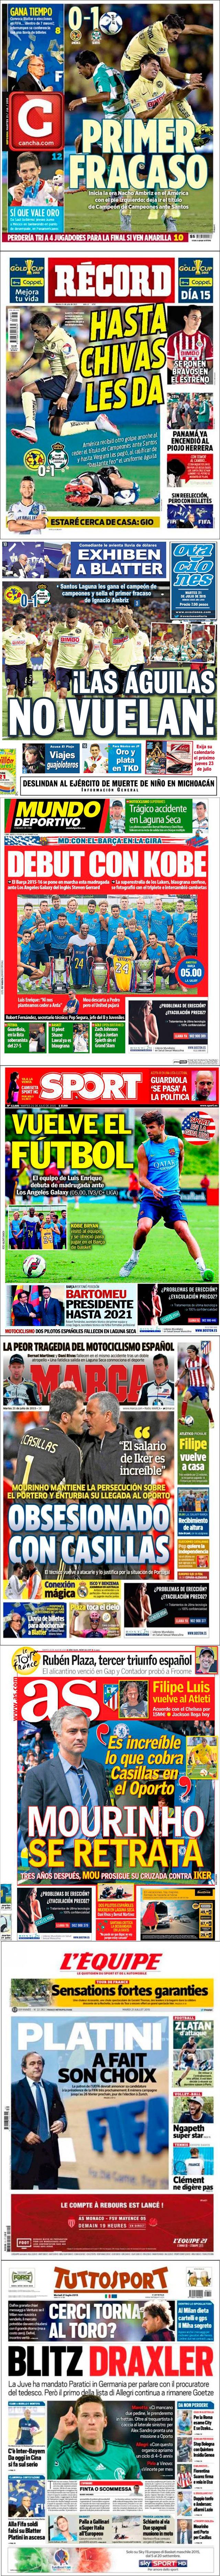 La prensa deportiva más importante del 21 de julio de 2015.